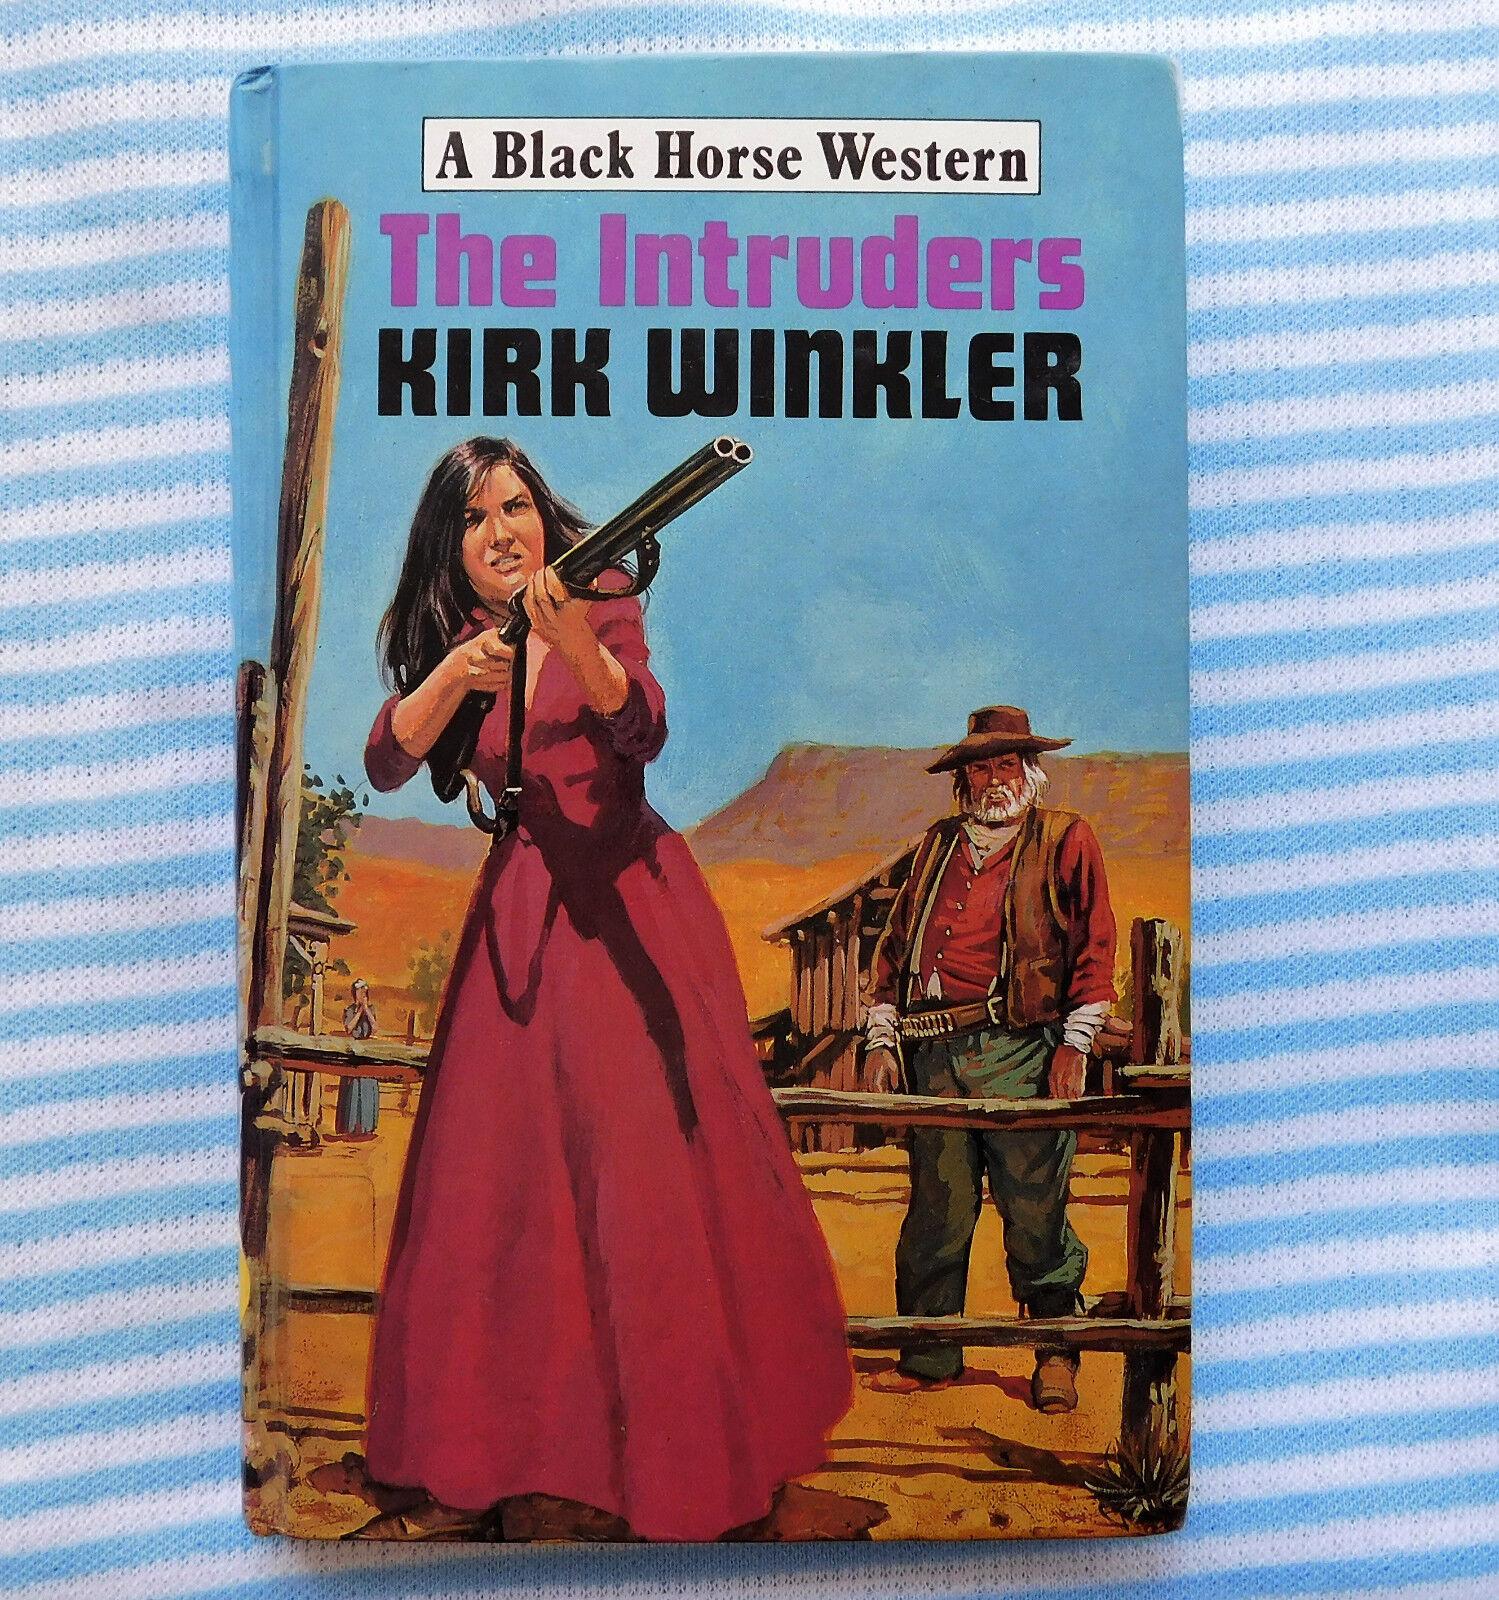 The Intruders by Kirk Winkler Black Horse Western cowboy book vintage 1990s HB